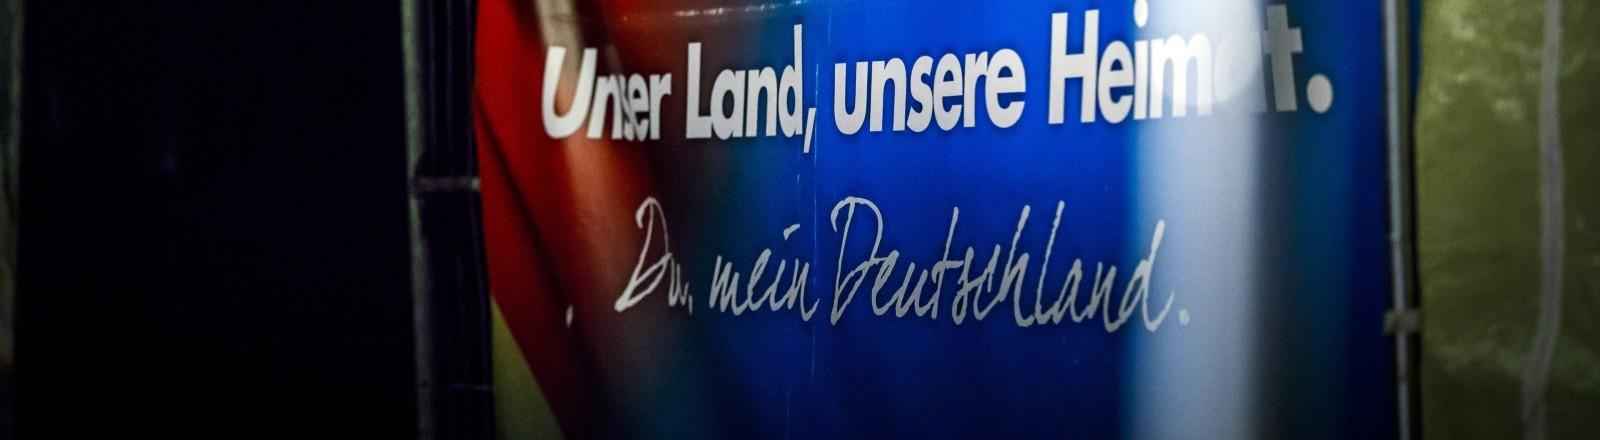 Ein Afd Plakat mit der Aufschrift: Unser Land, unsere Heimat